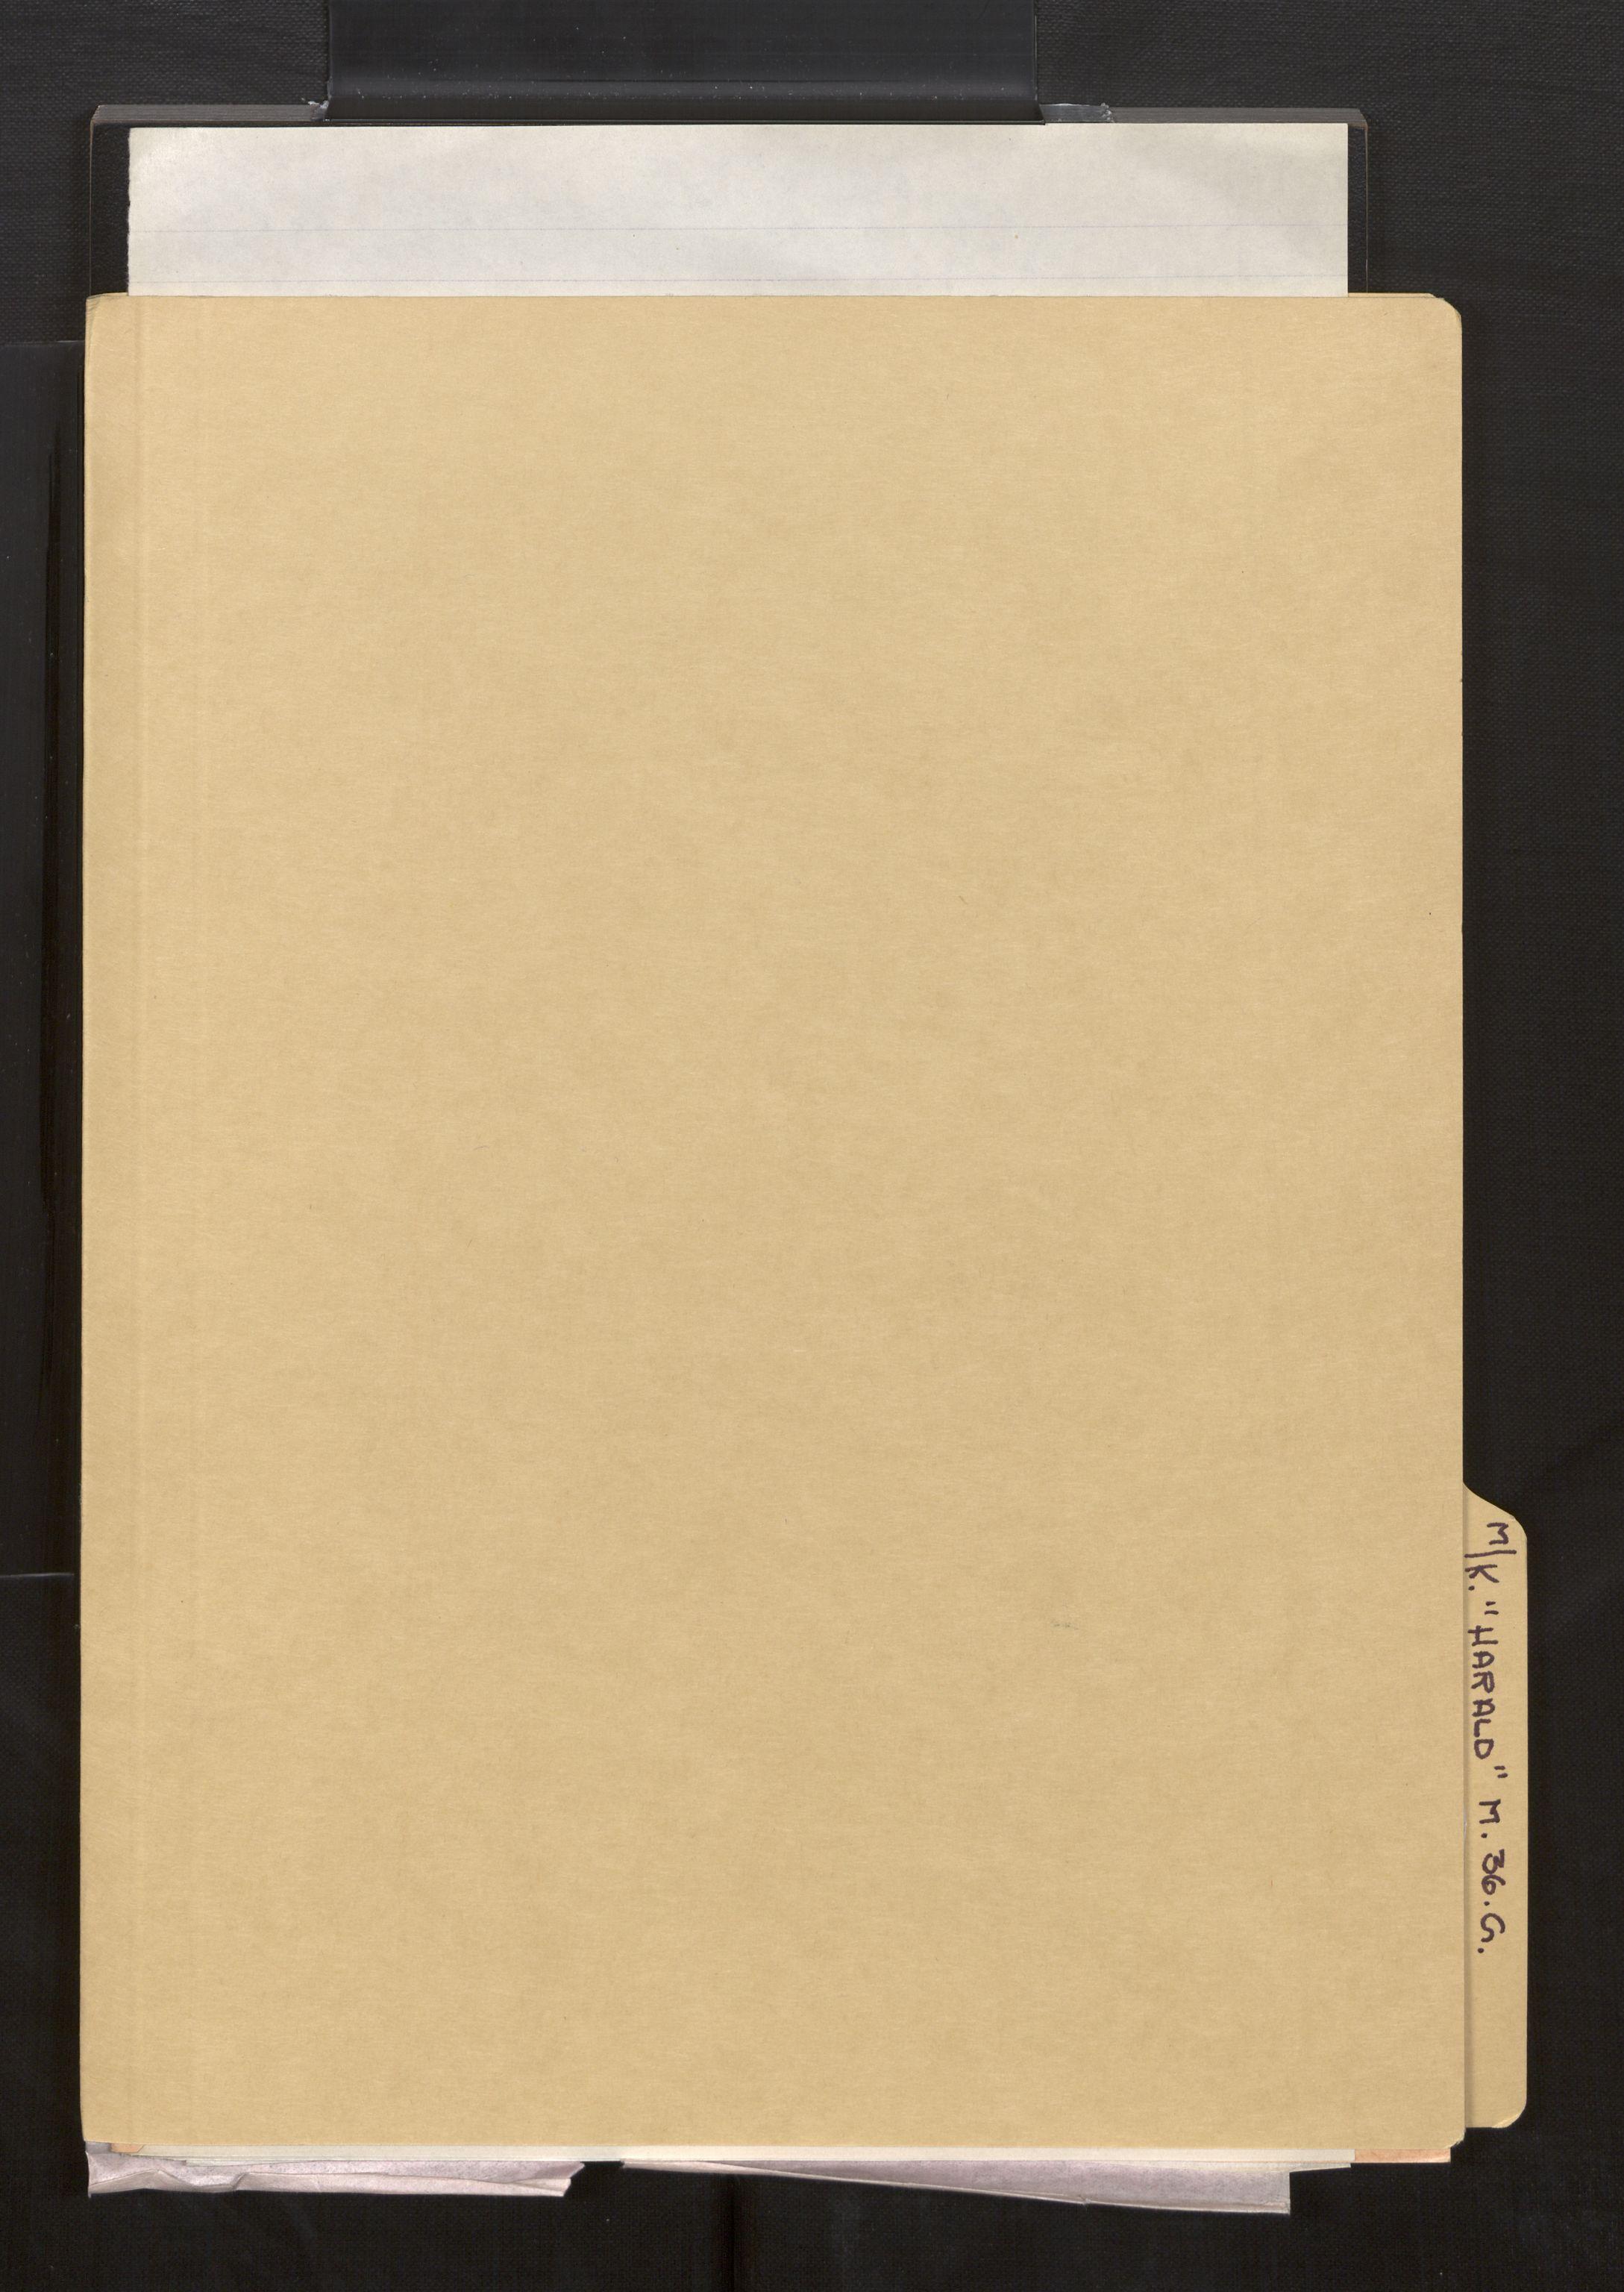 SAB, Fiskeridirektoratet - 1 Adm. ledelse - 13 Båtkontoret, La/L0042: Statens krigsforsikring for fiskeflåten, 1936-1971, s. 302